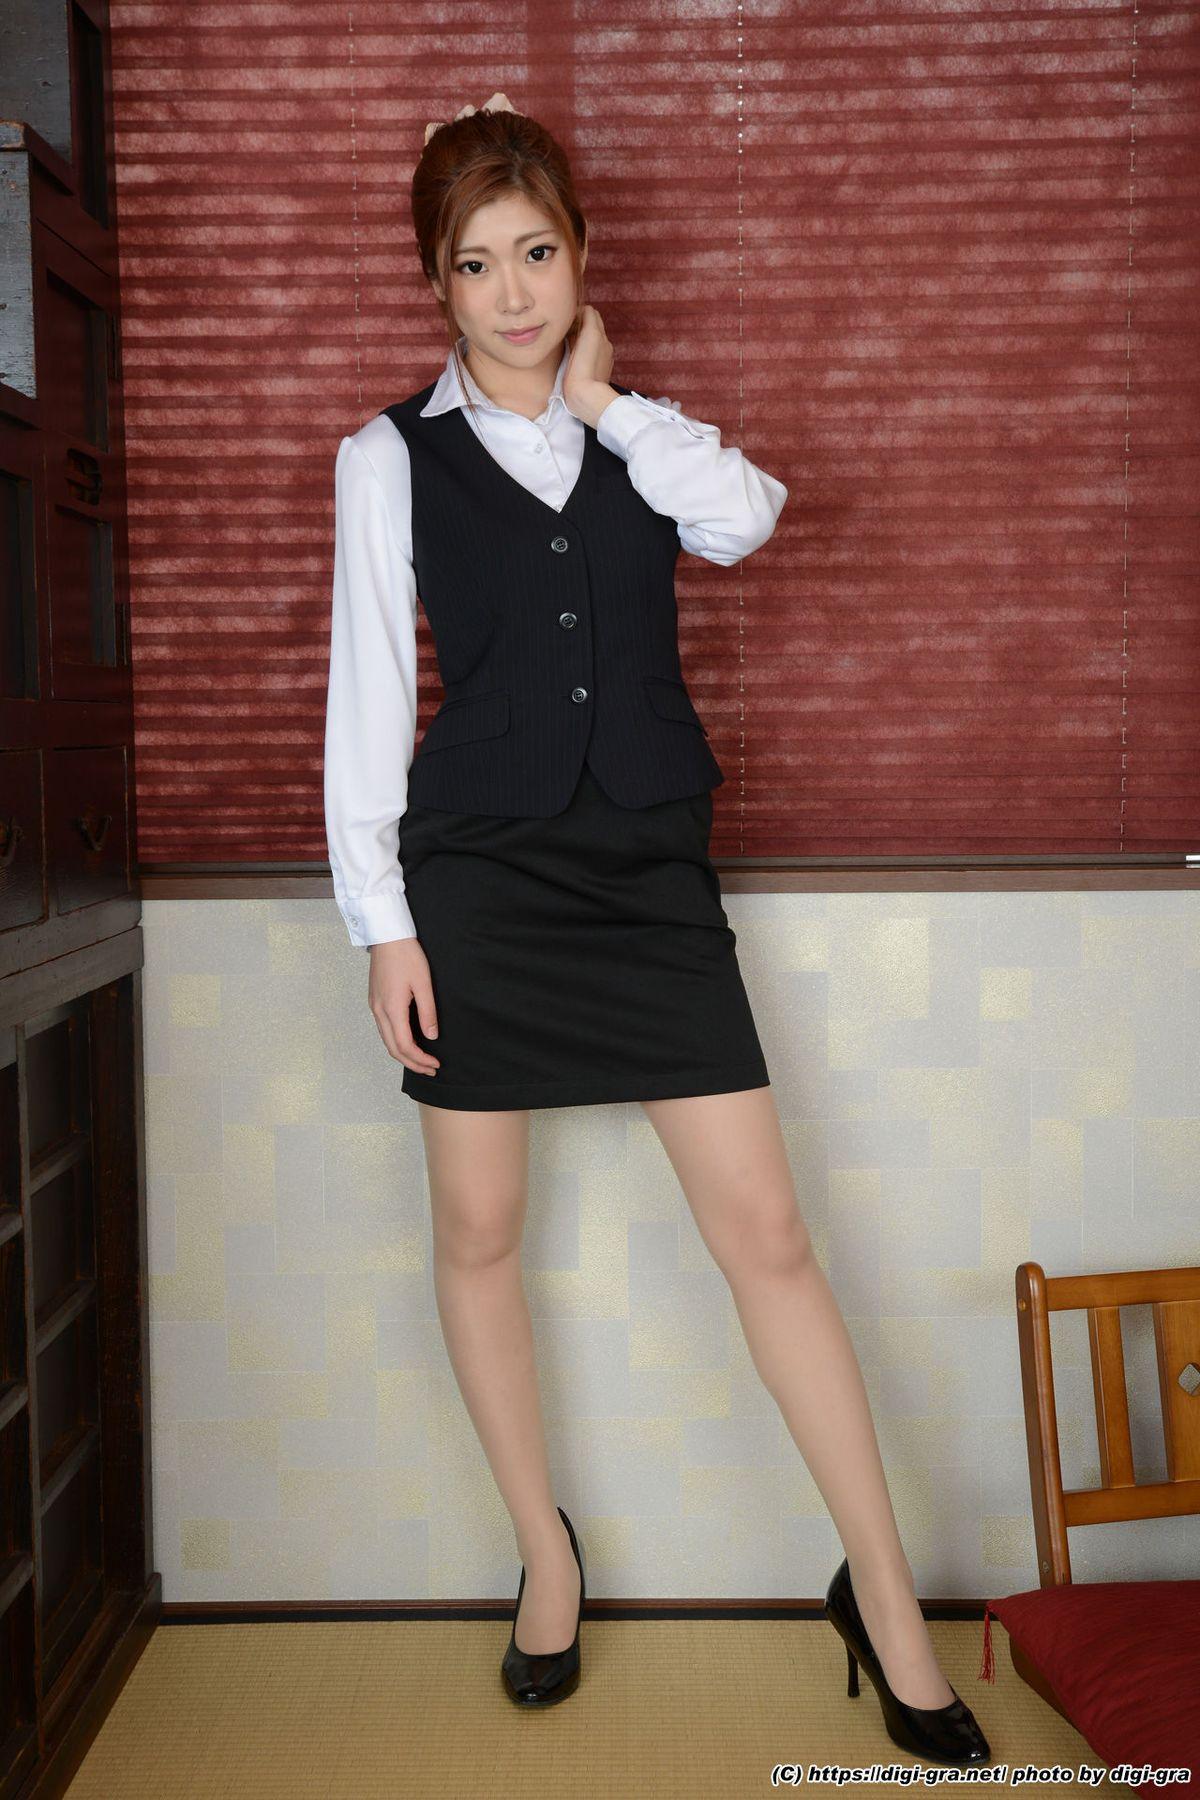 [Digi-Gra] Yuuna Ishikawa 石川祐奈 Photoset 01 写真集1